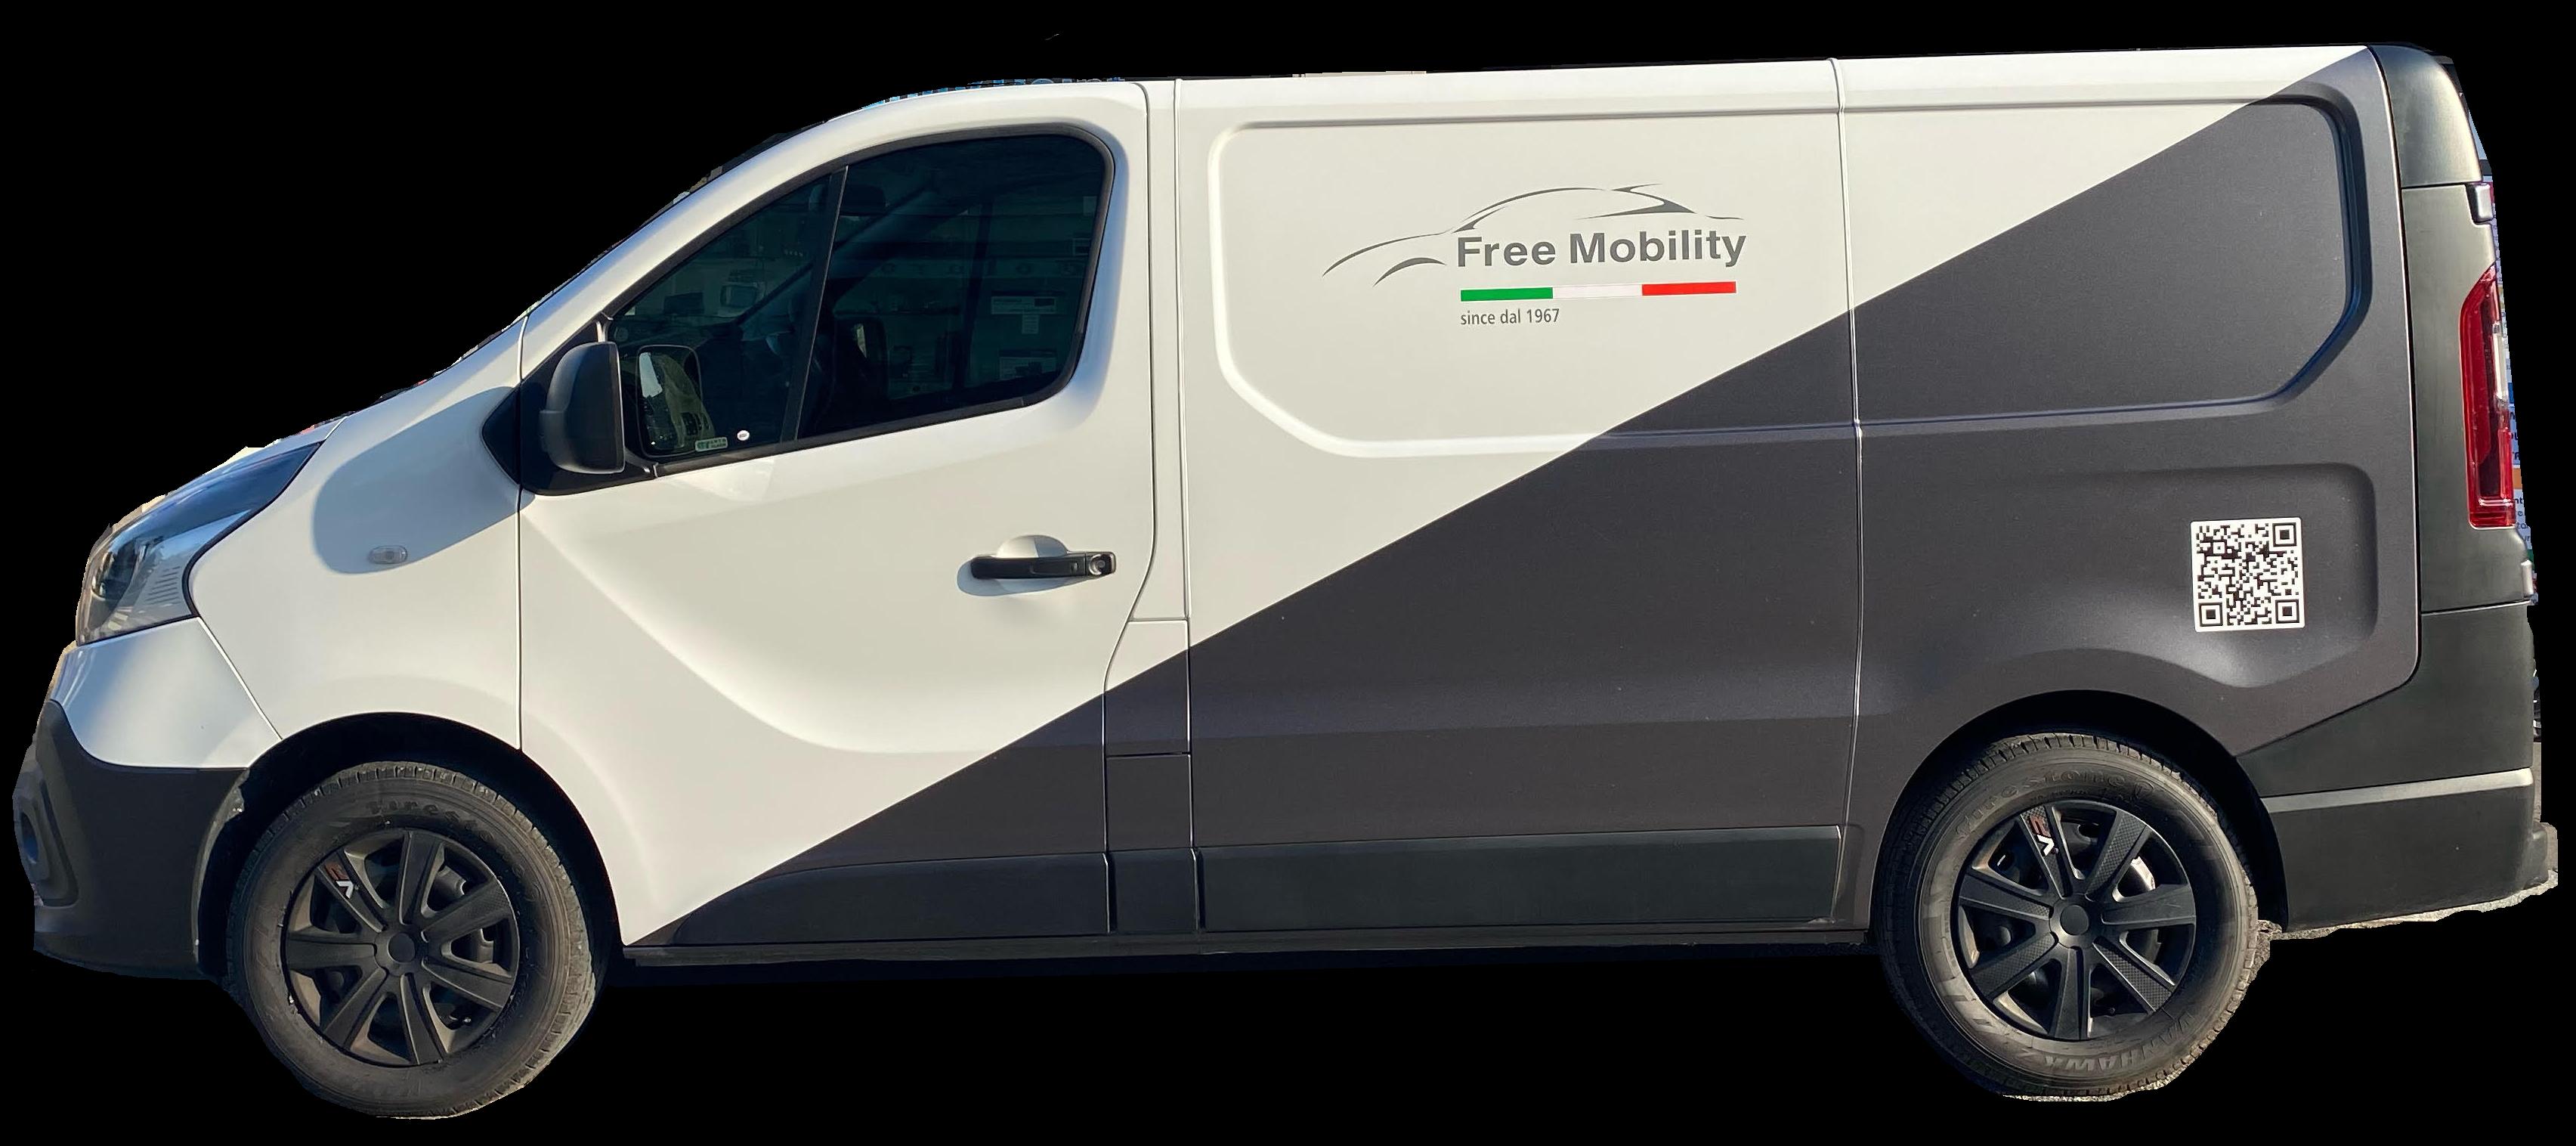 il logo di fiat autonomy allestimenti auto per disabili